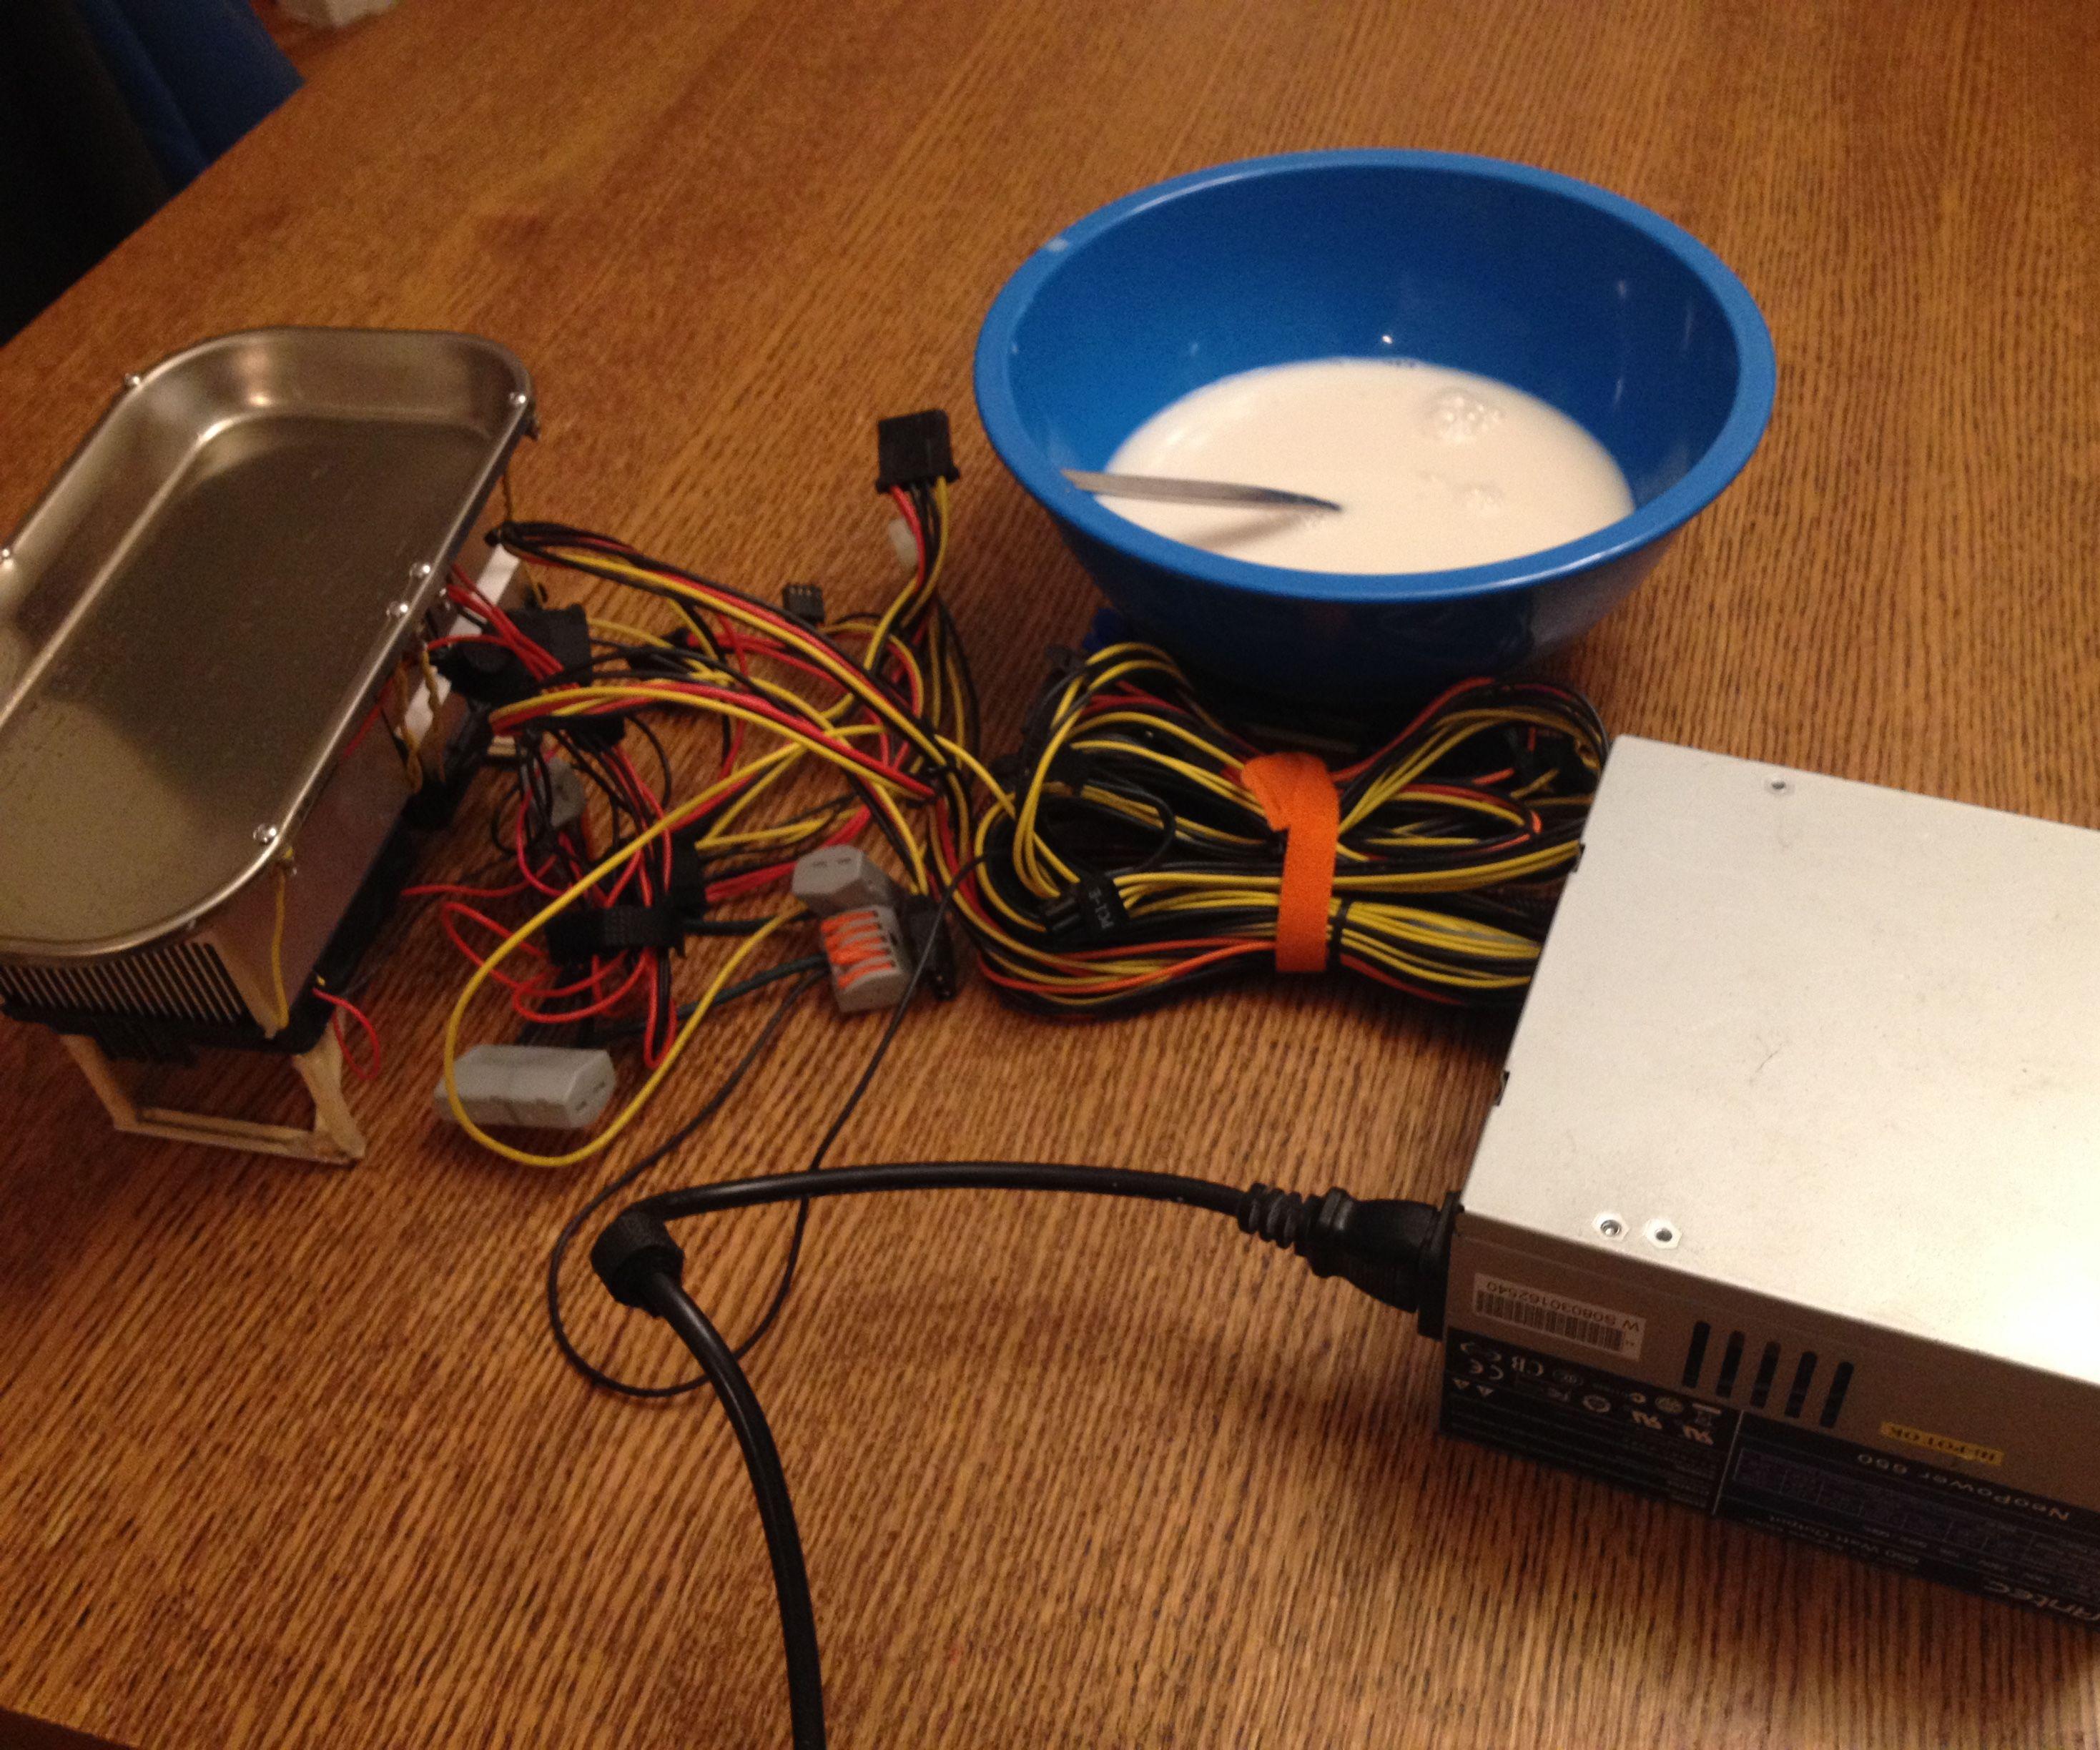 DIY Ice Cream Maker Attempt